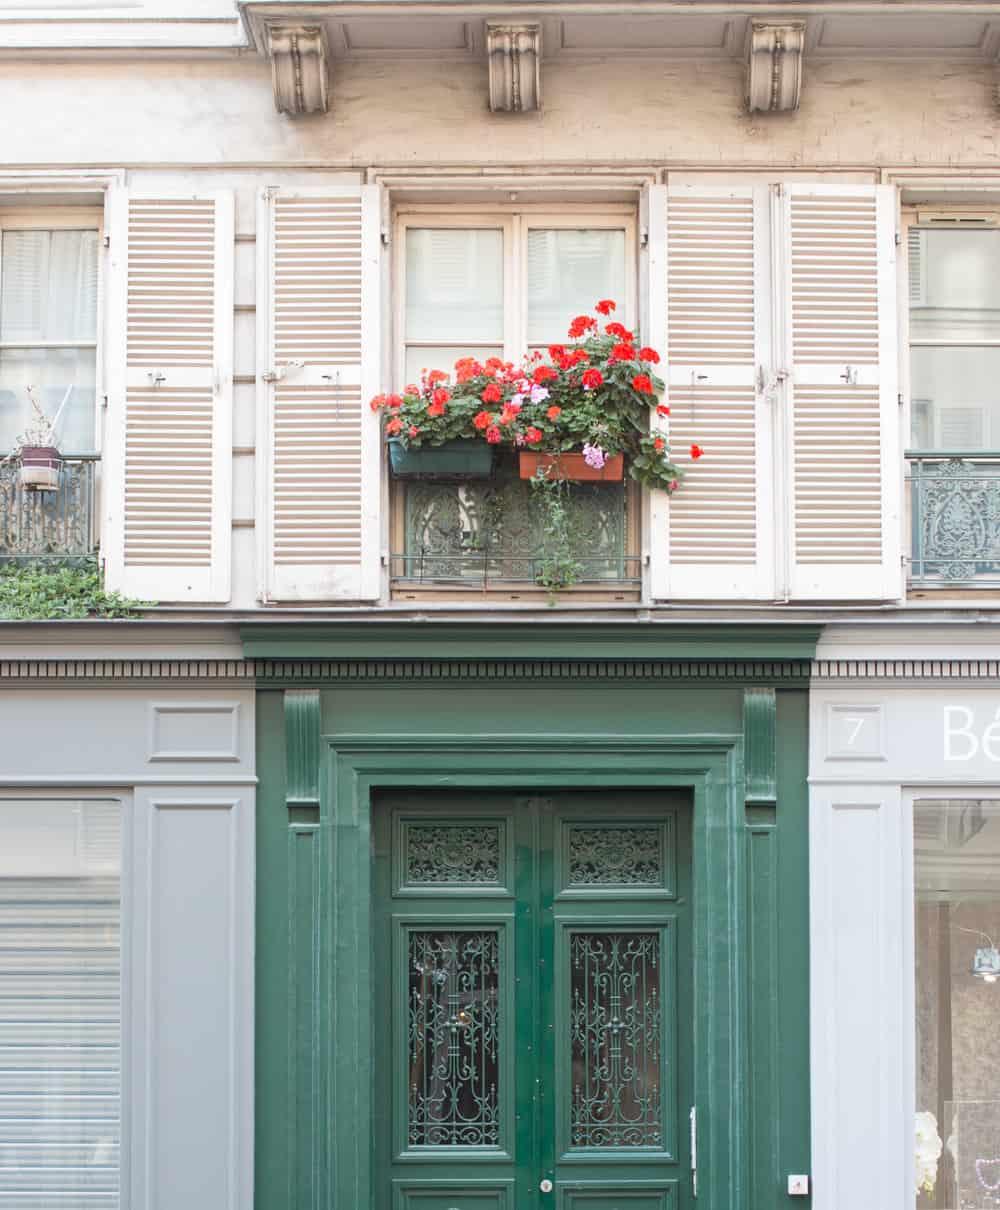 paris window and green door